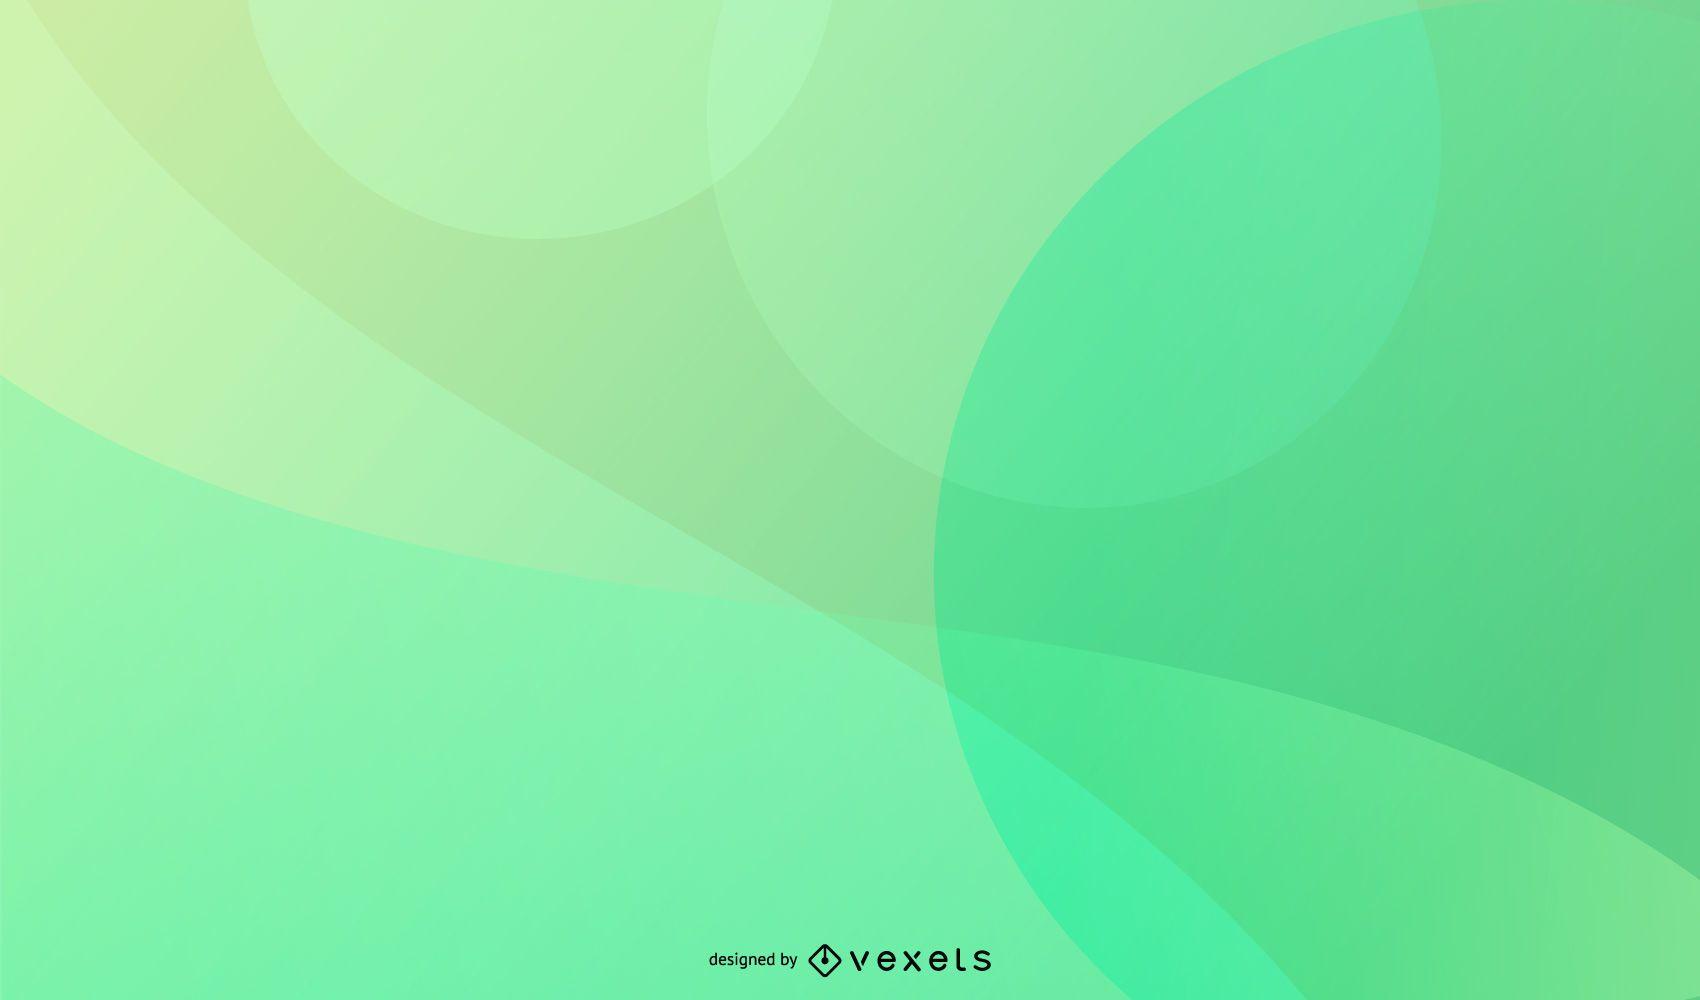 Diseño de fondo verde suave